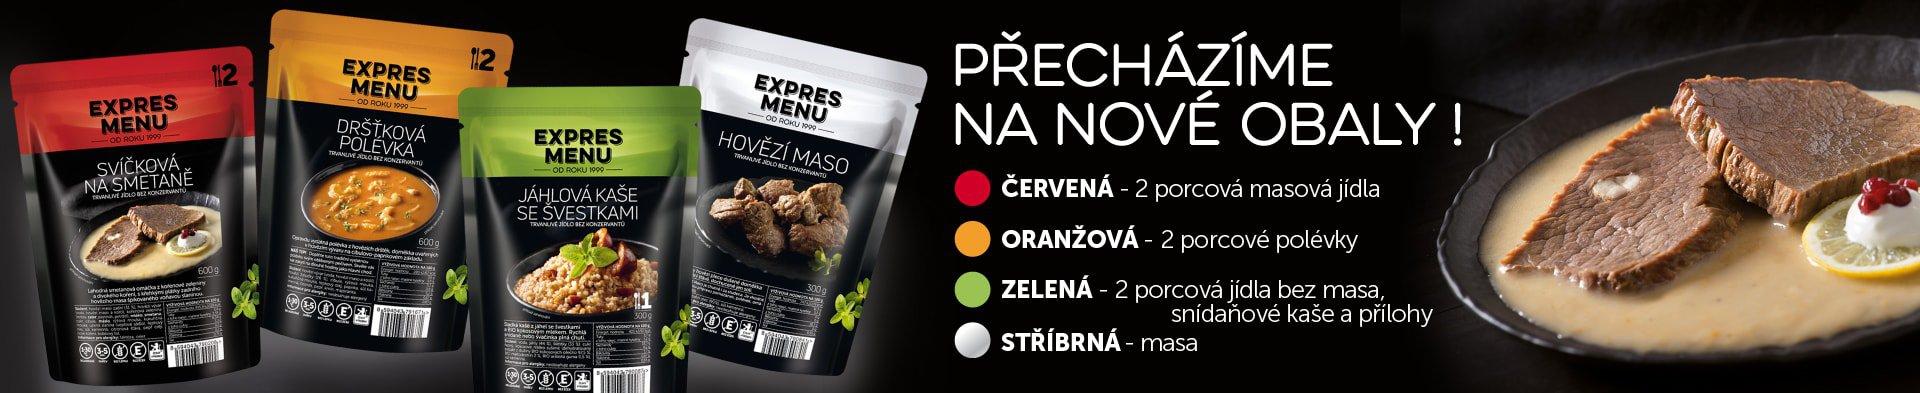 Jidlonadovolenou.cz bude dodávat Expres Menu s novými obaly.